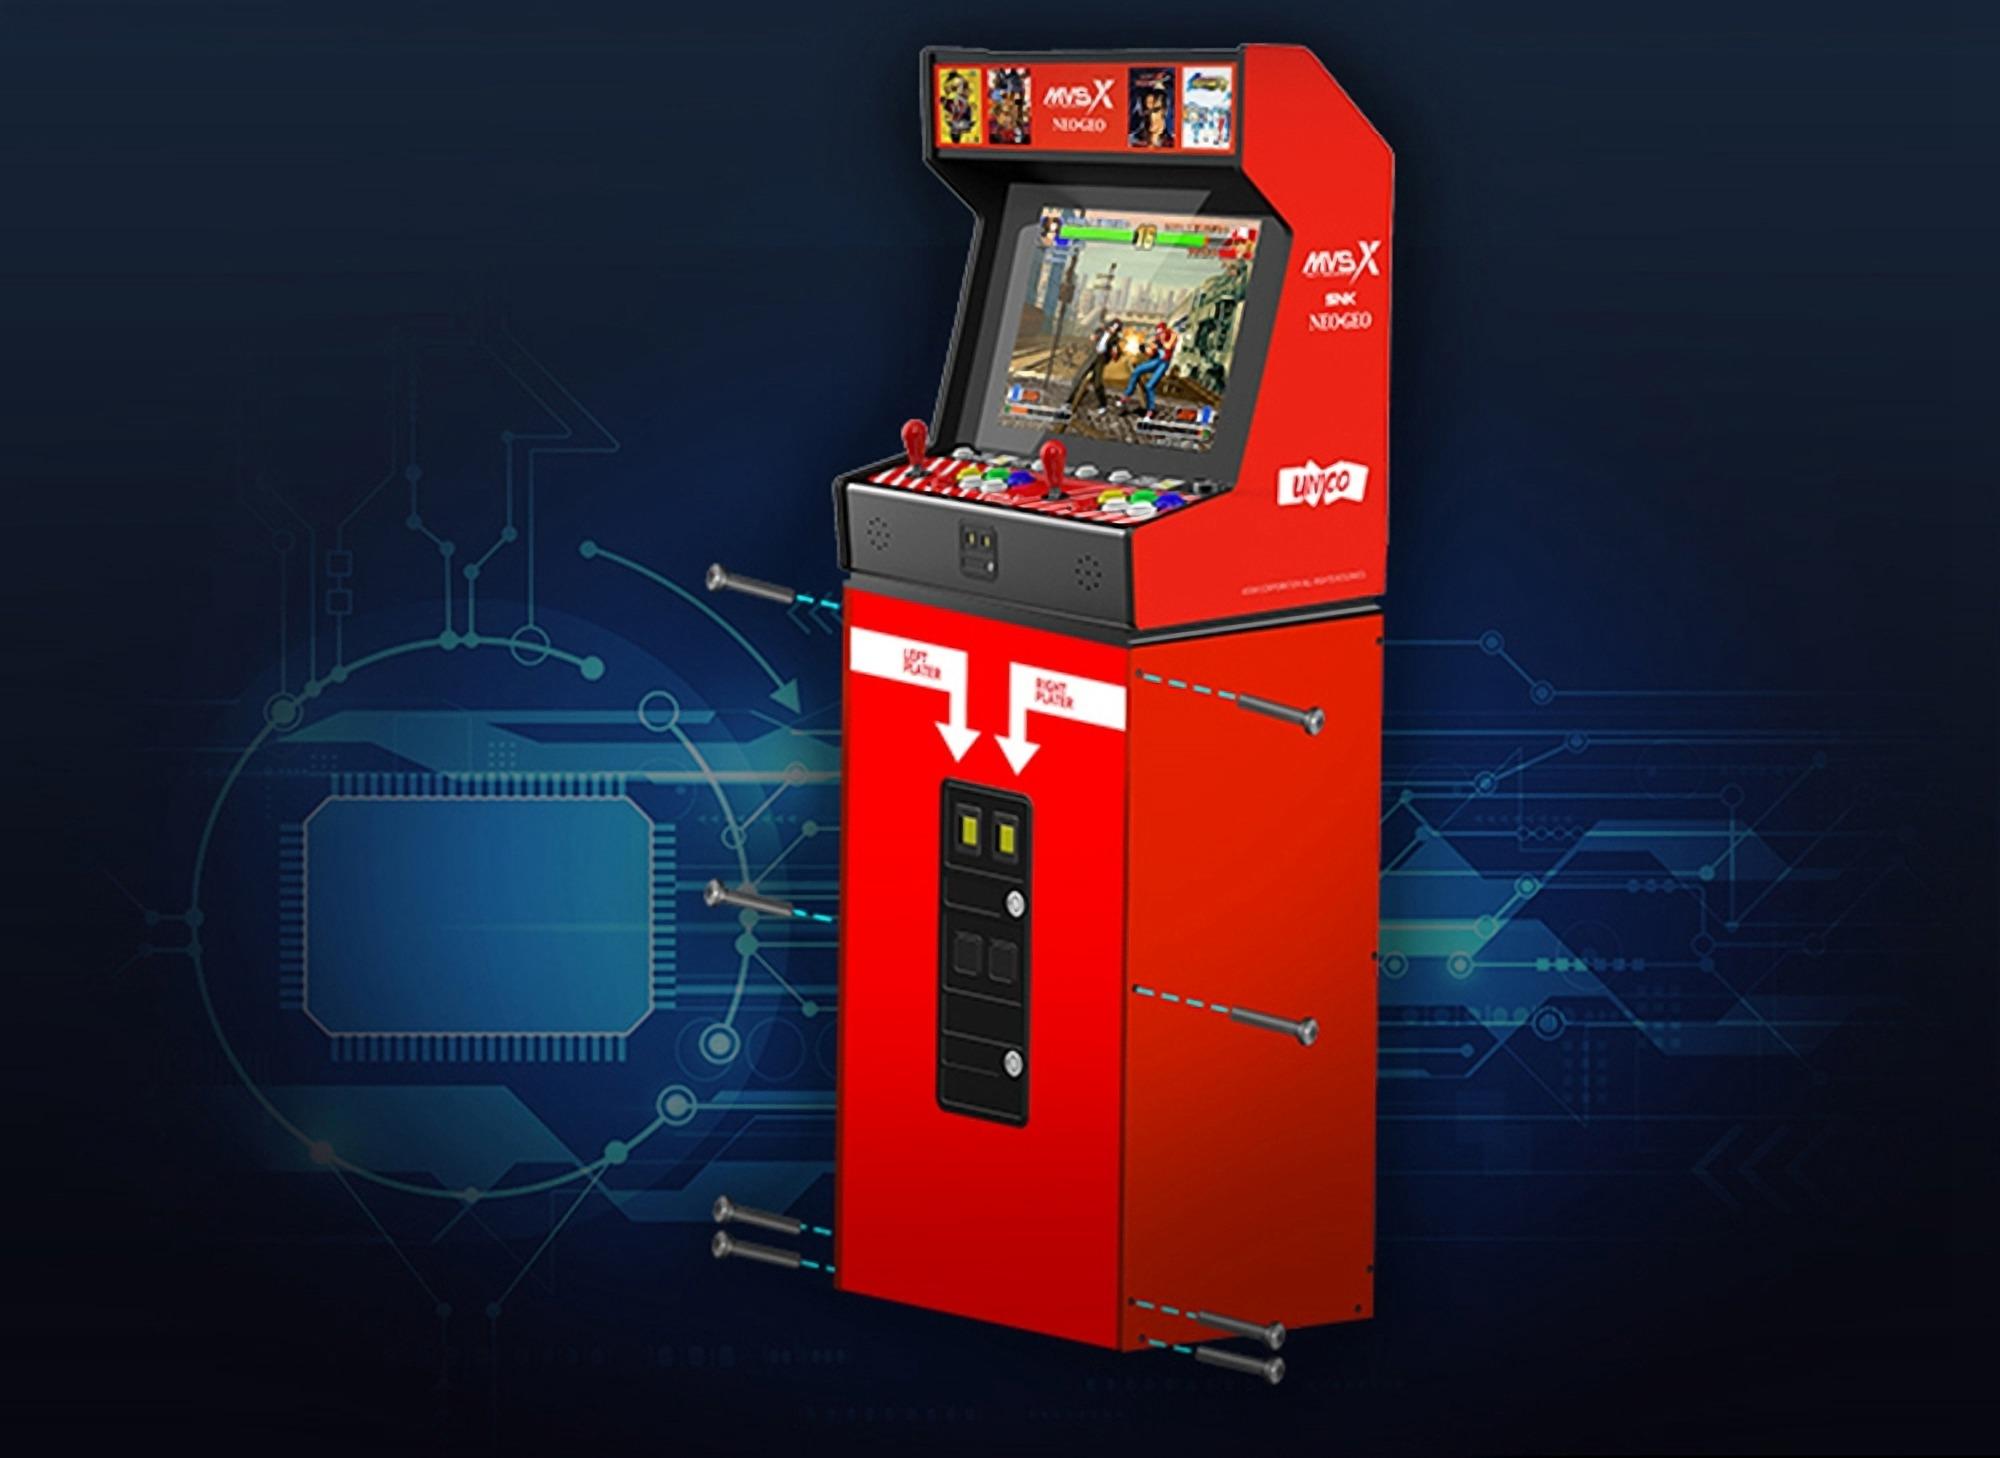 Vraťte se do dětských let díky automatu s kaskádovými hrami SNK MVSX NEOGEO! [sponzorovaný článek]